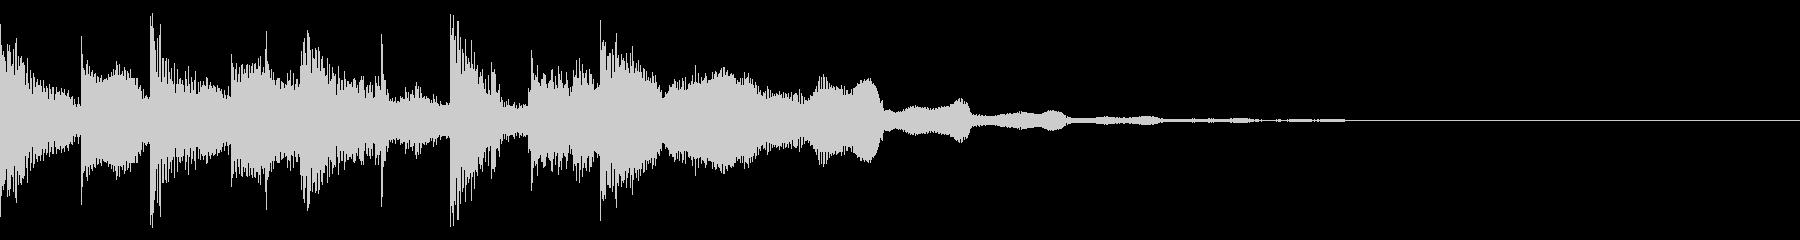 明るいサウンドロゴの未再生の波形